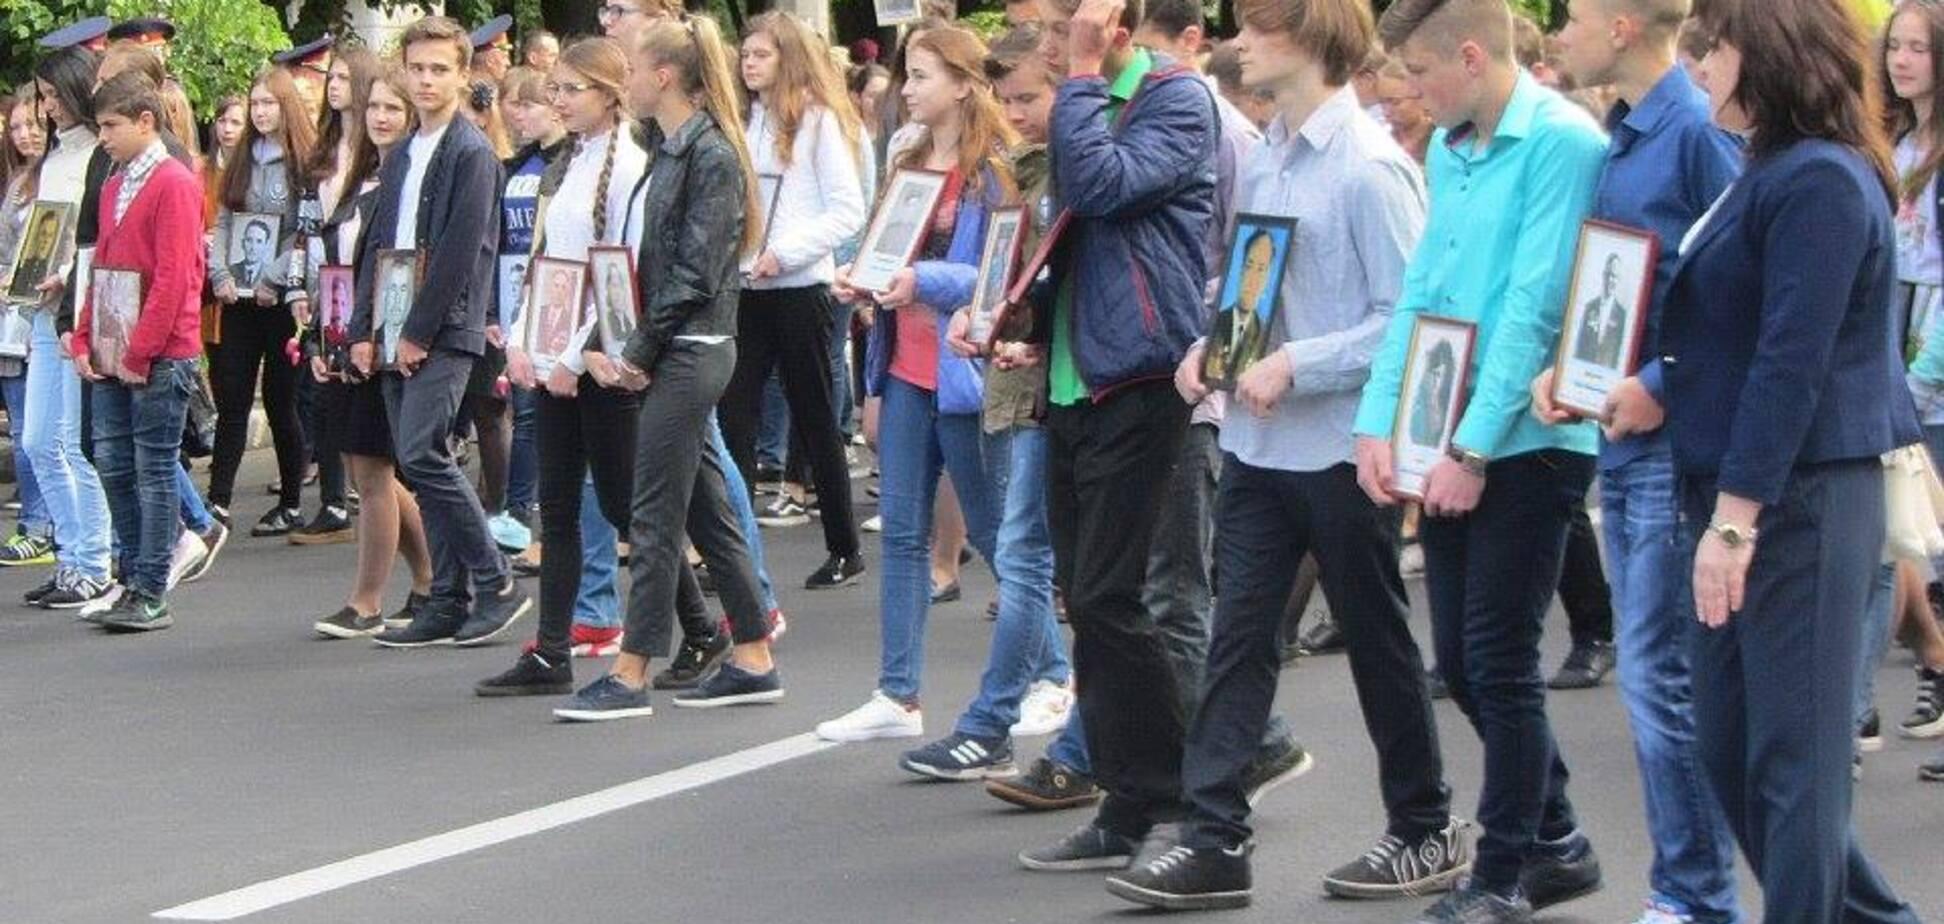 Ідеологія Путіна: школярів Полтави примусово зганяють на акцію 'Безсмертного полку'